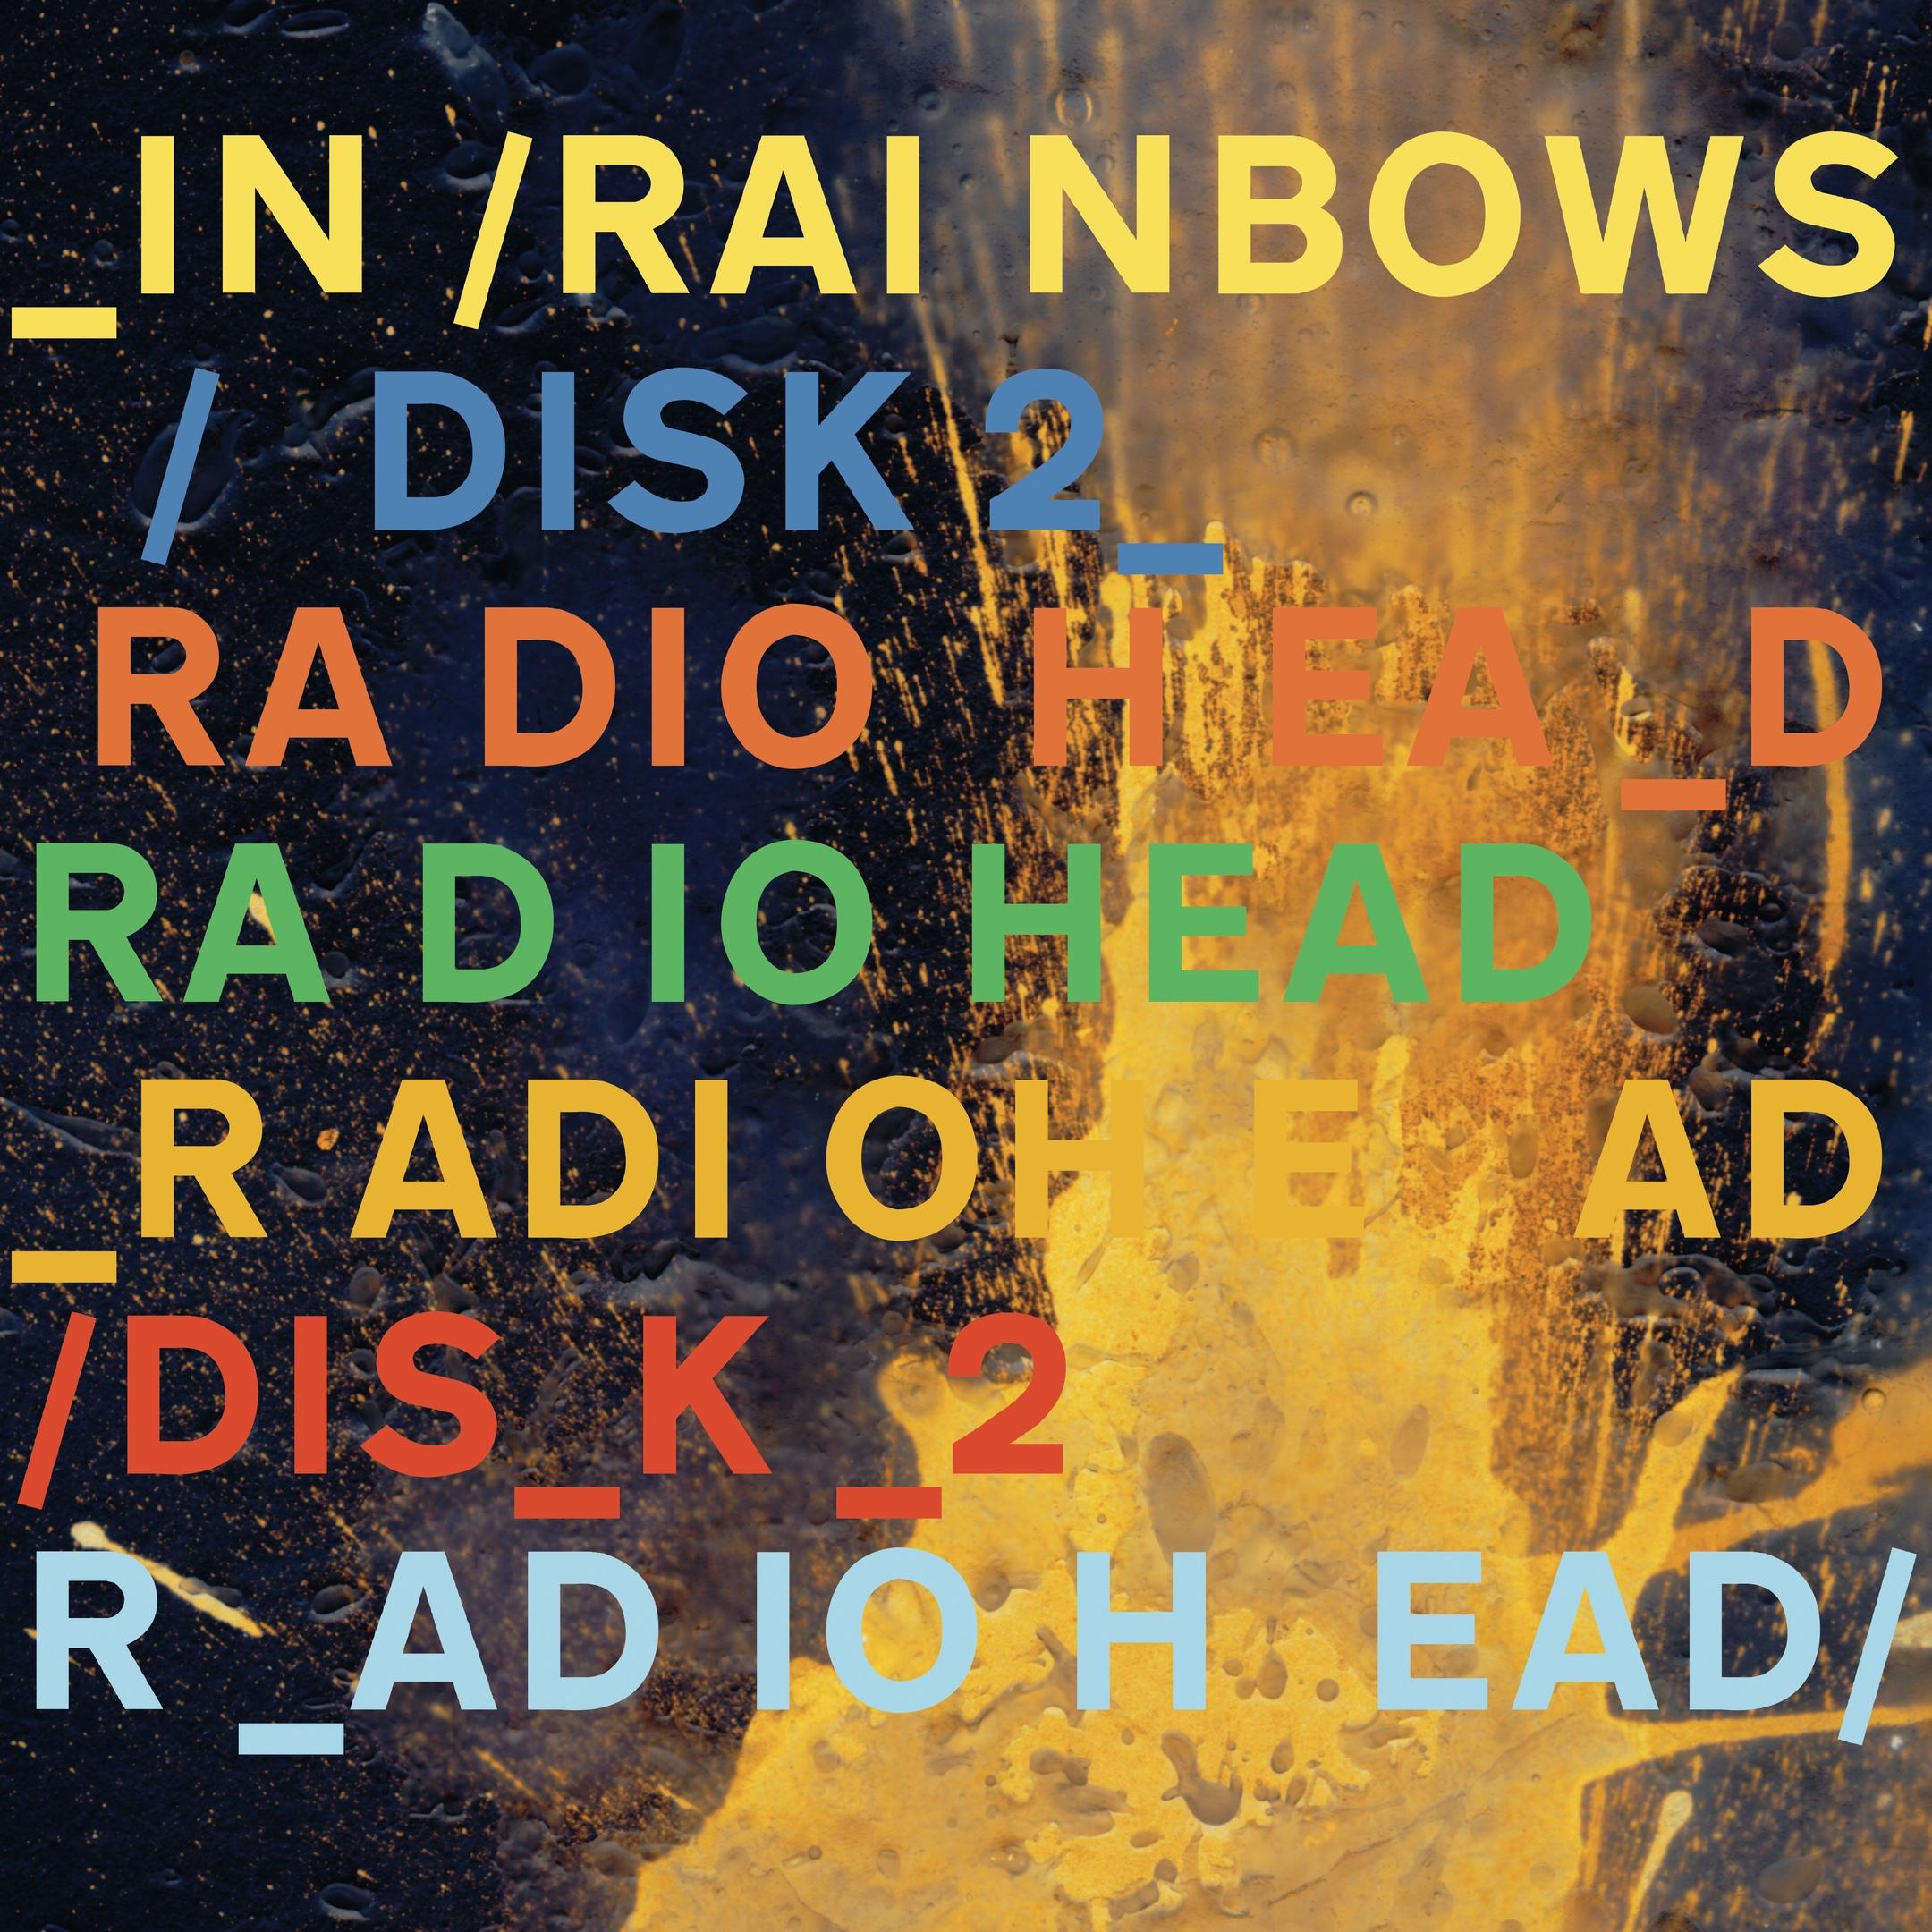 Radiohead album In Rainbows Disk 2